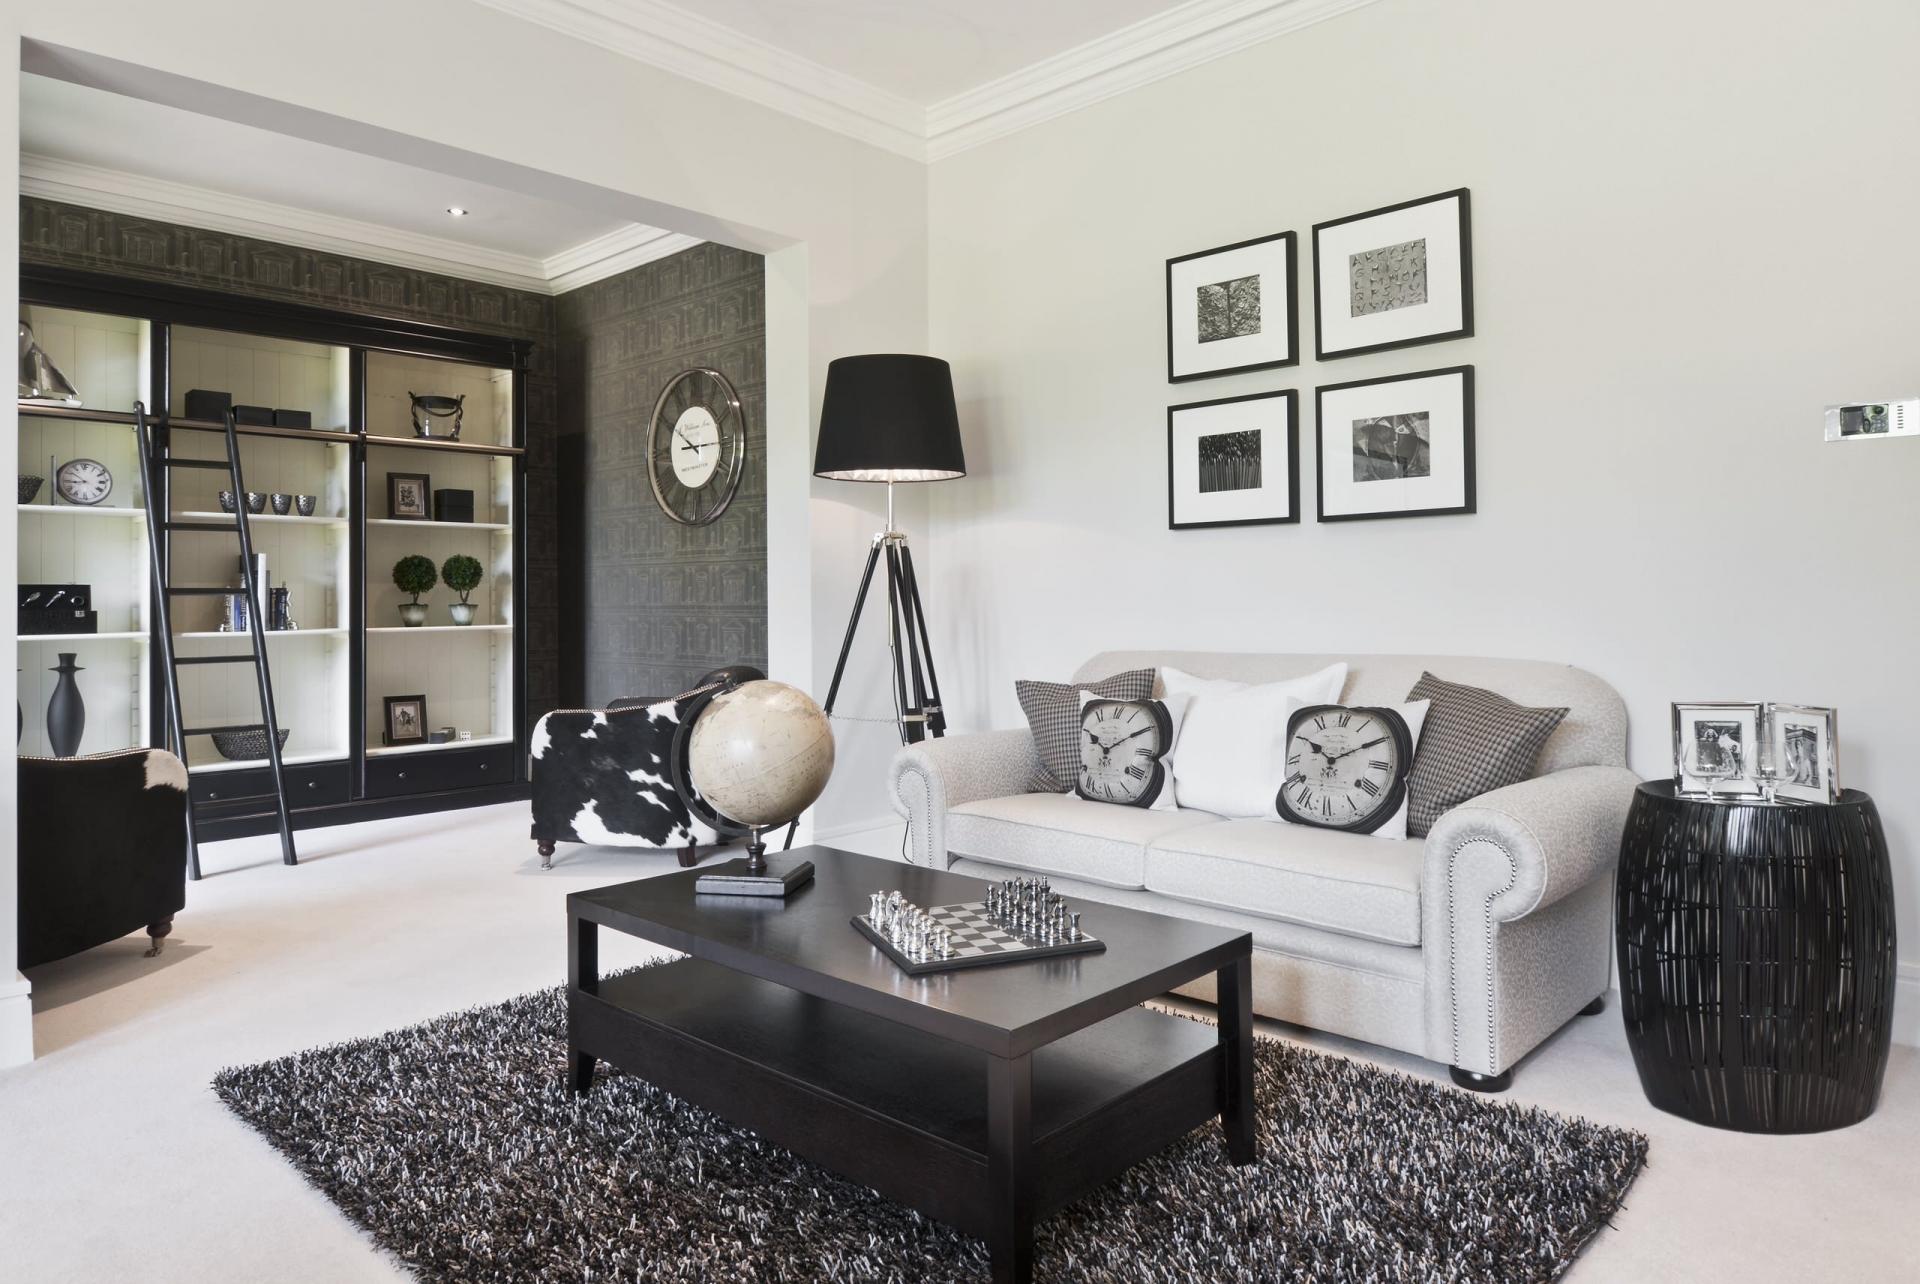 Декор в черно-белой гамме в гостиной в стиле модерн